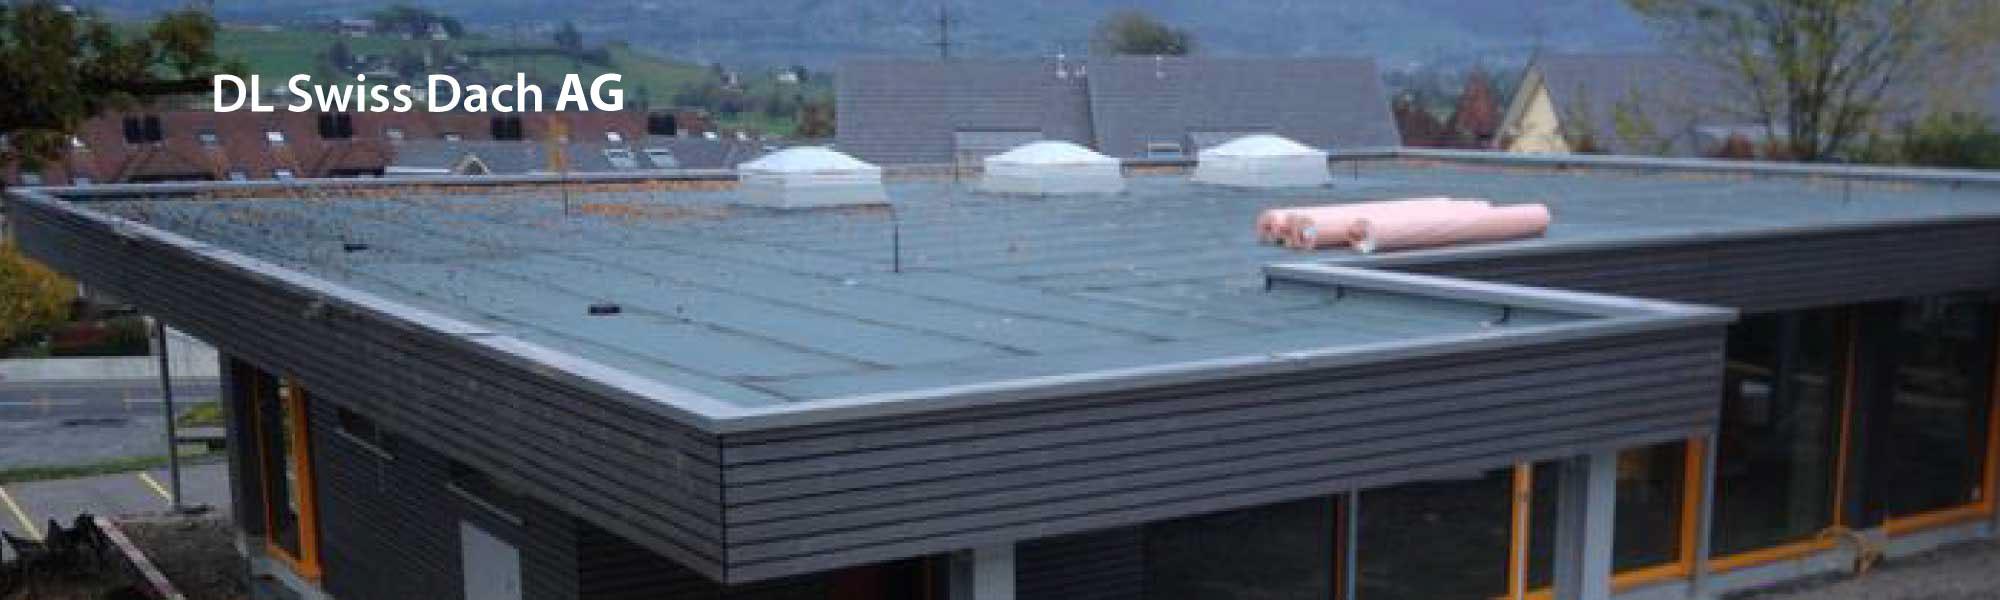 Neuer Dachdeckerpartner in der Schweiz: DL Swiss Dach AG punktet sofort mit Sensortechnik